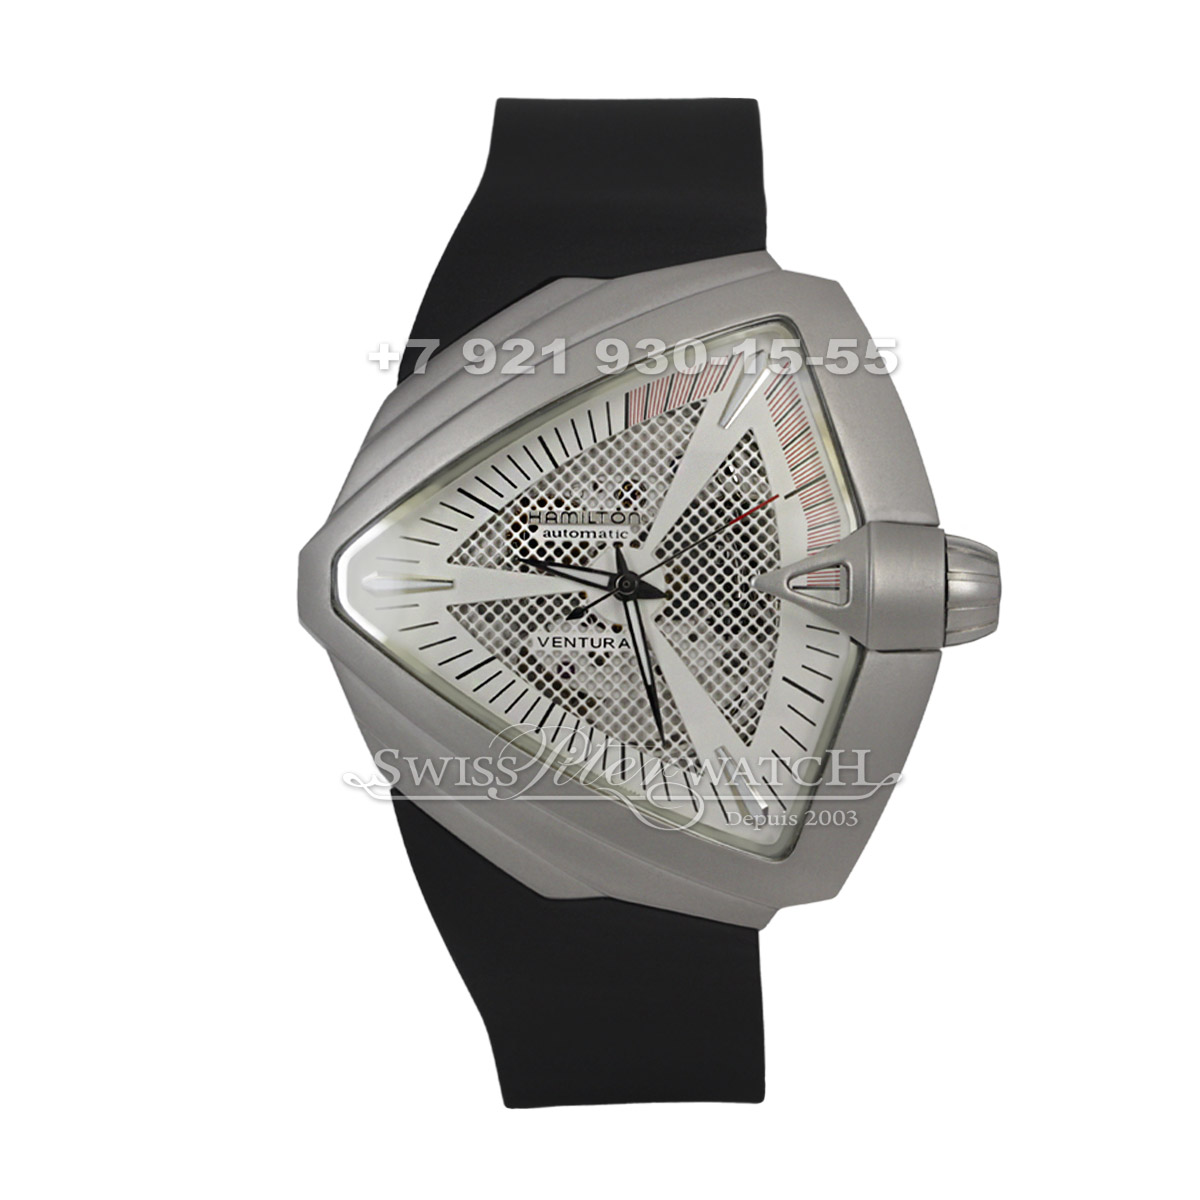 Часы hamilton спб купить оригинальные наручные часы поставщик